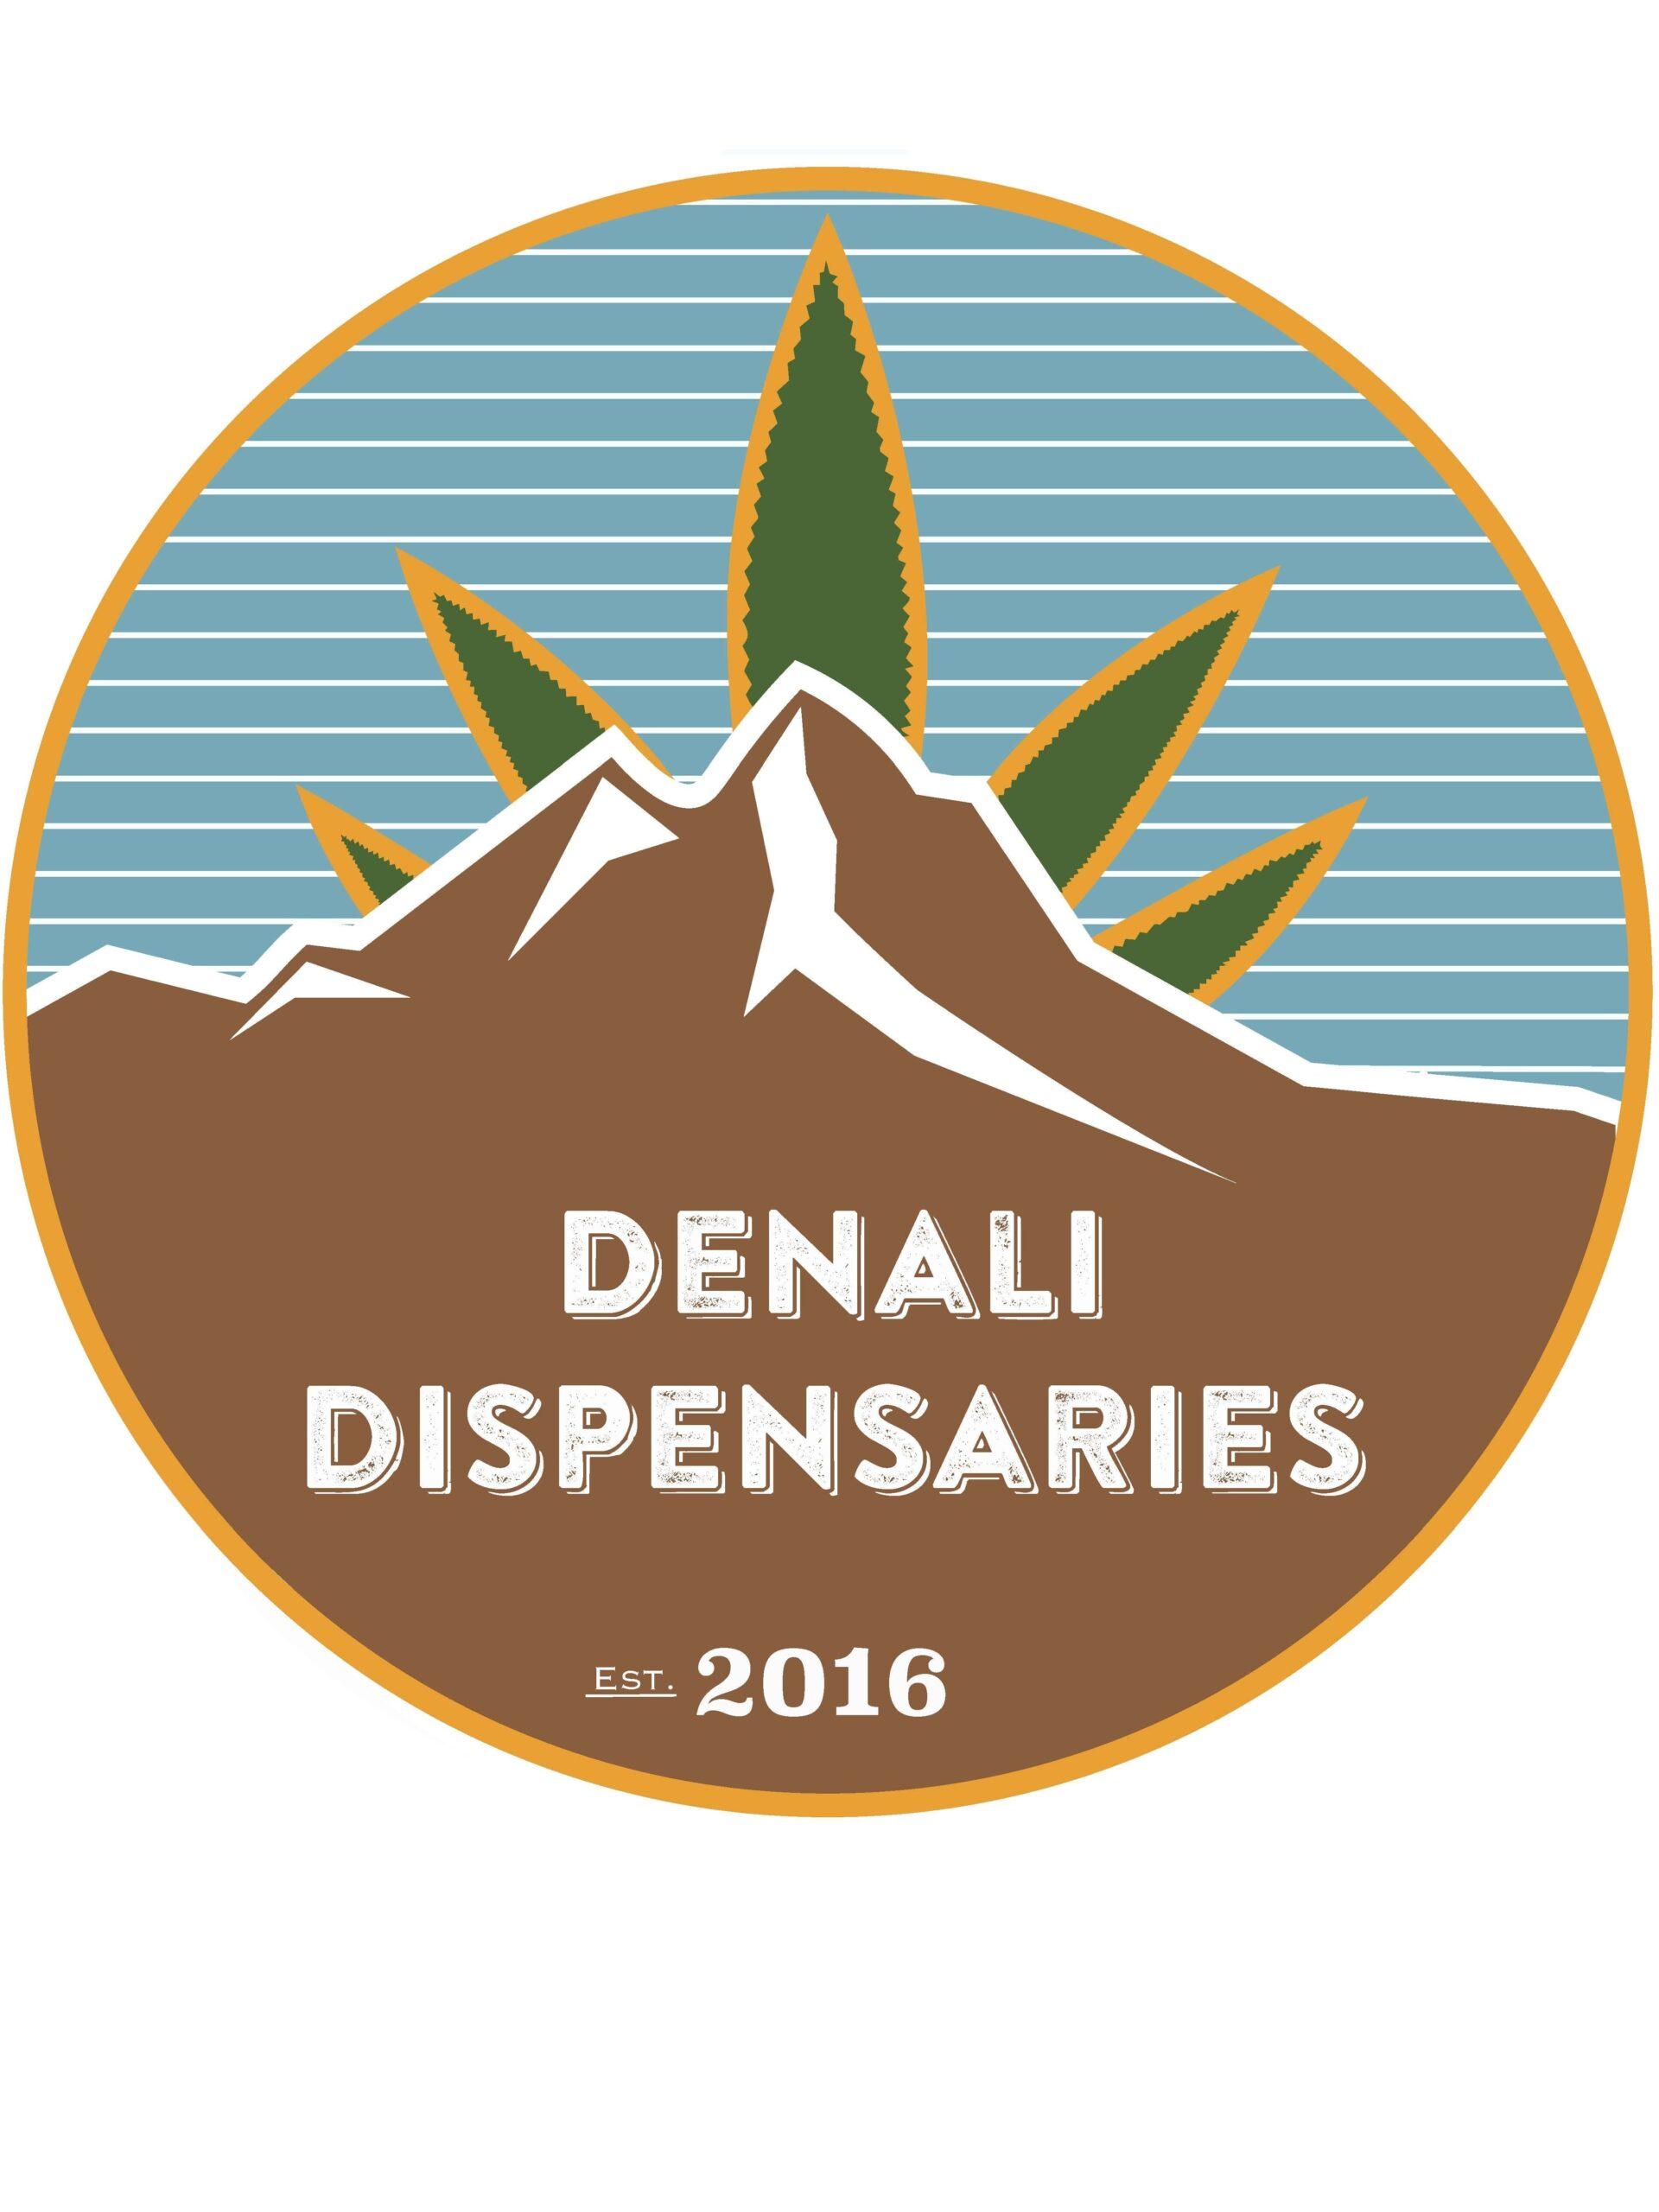 Denali Dispensaries